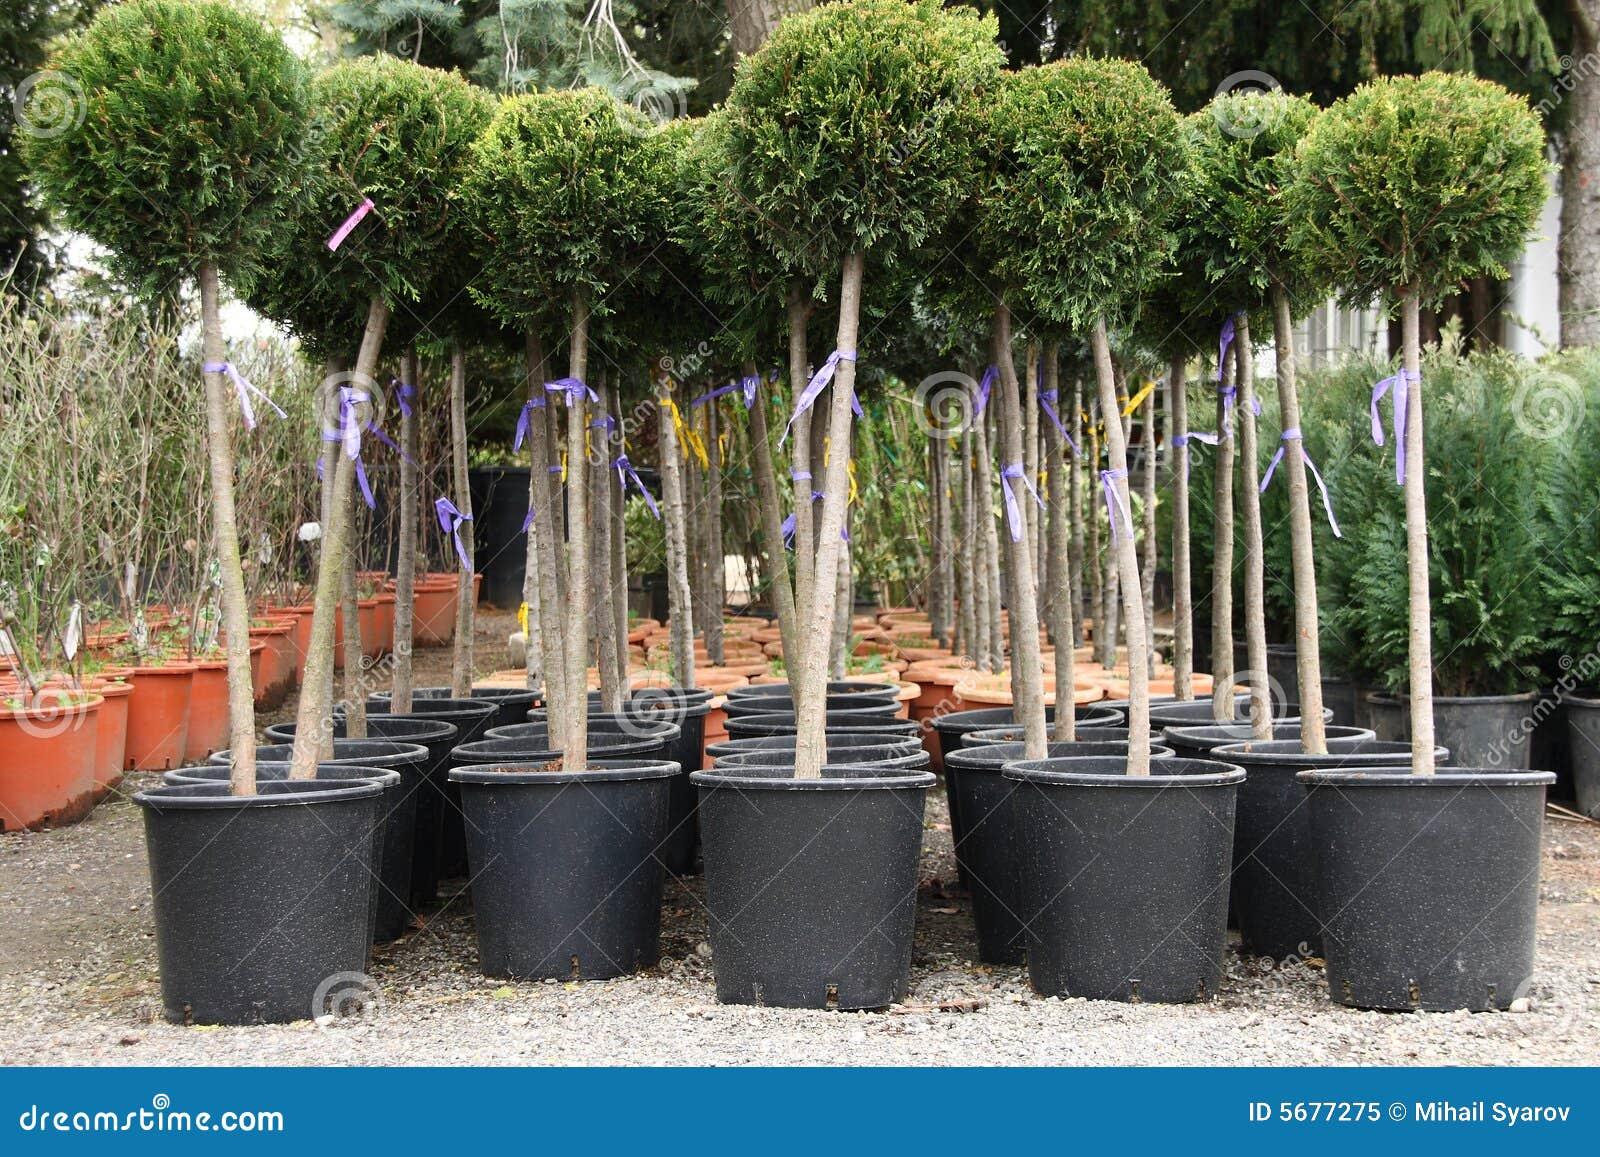 piante decorative immagine stock immagine di marche